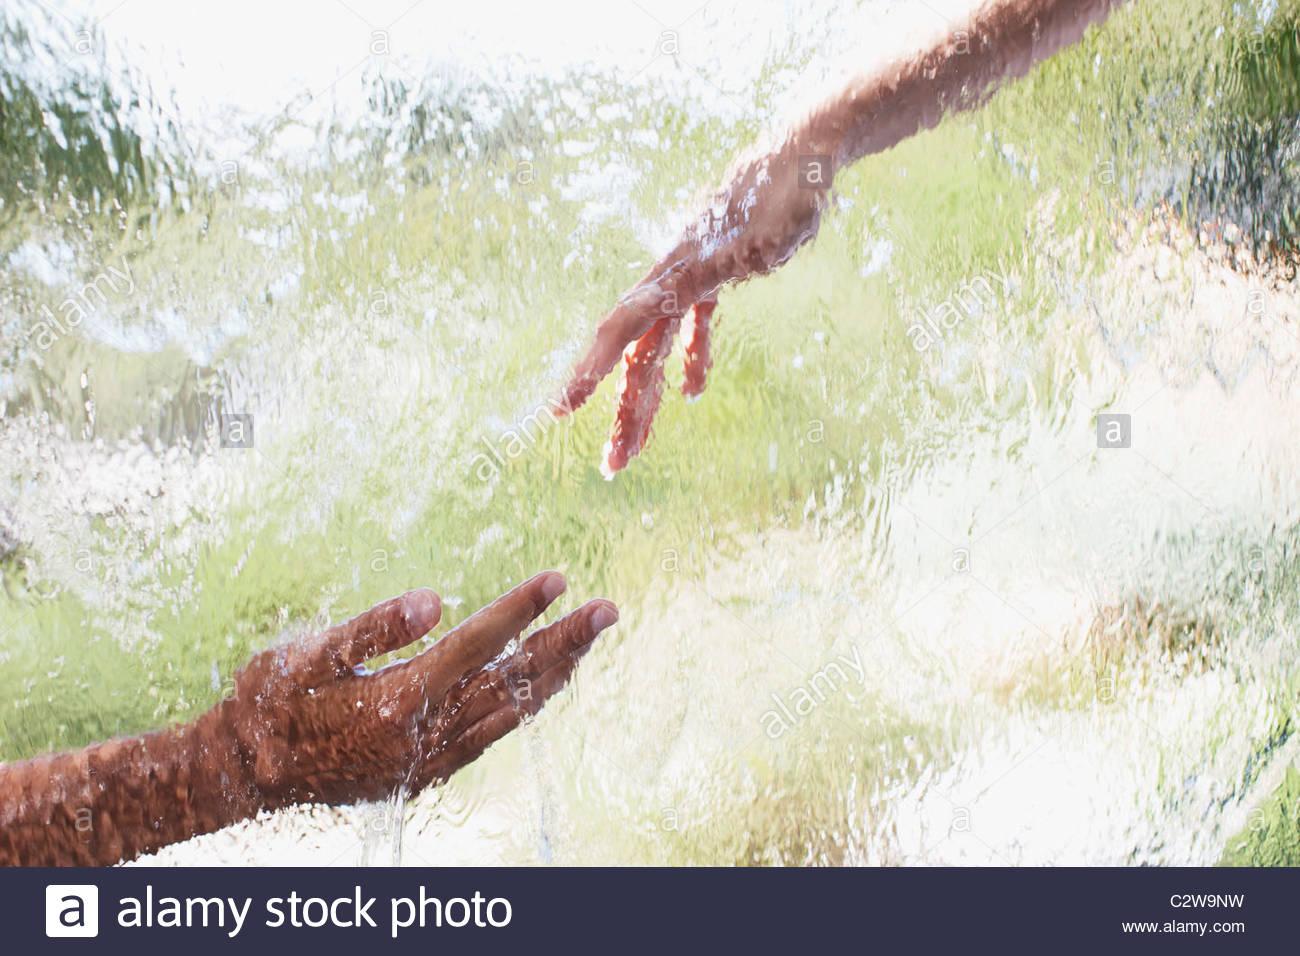 Duas mãos chegando por detrás do vidro Imagens de Stock